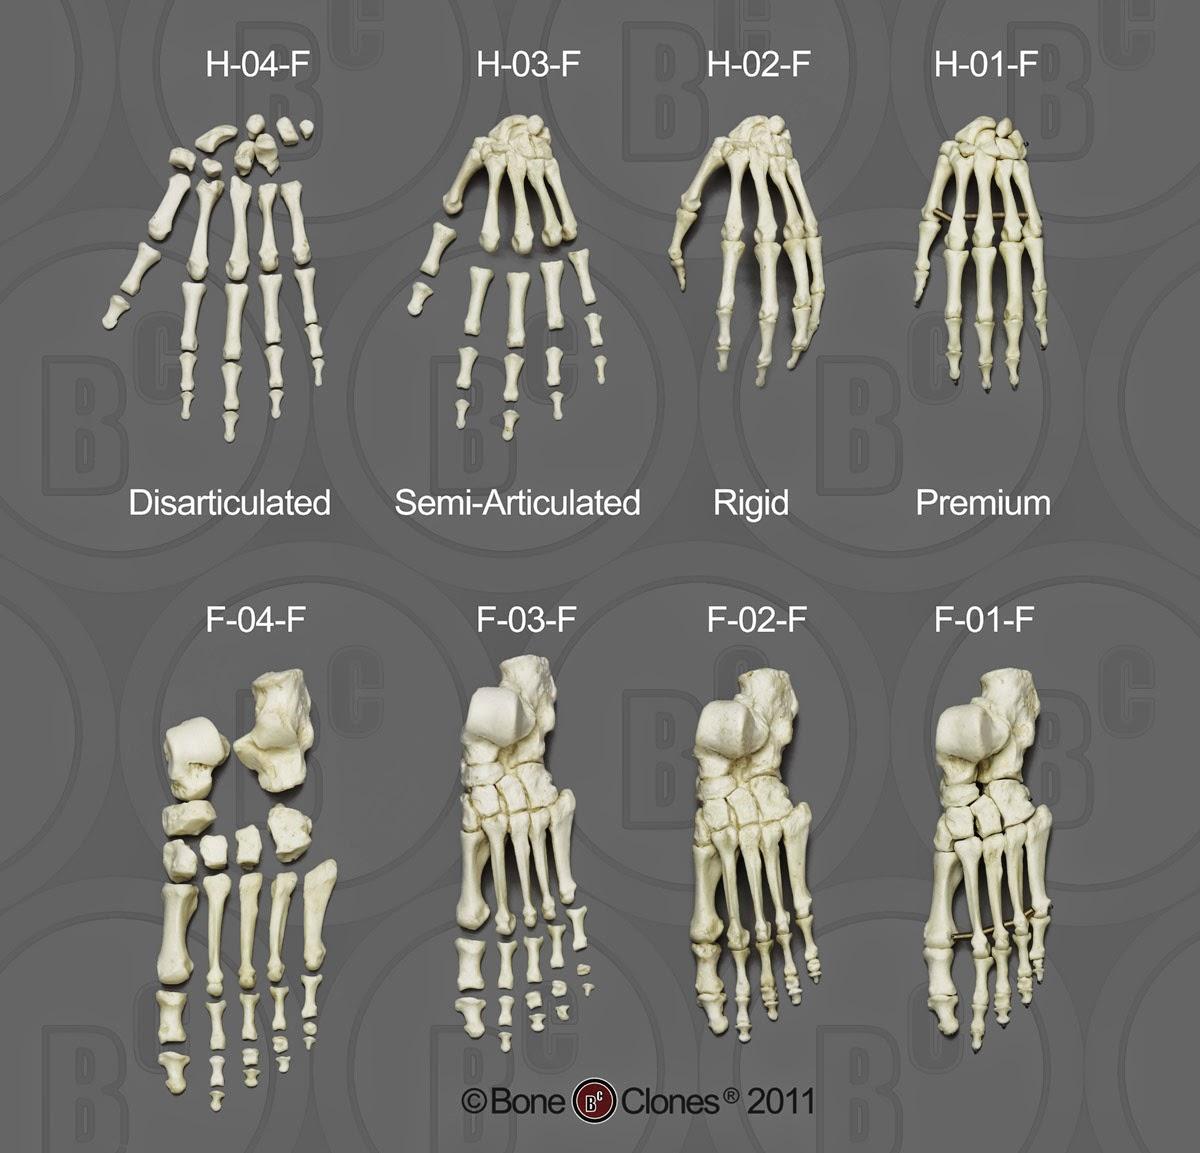 Hands and feet bones